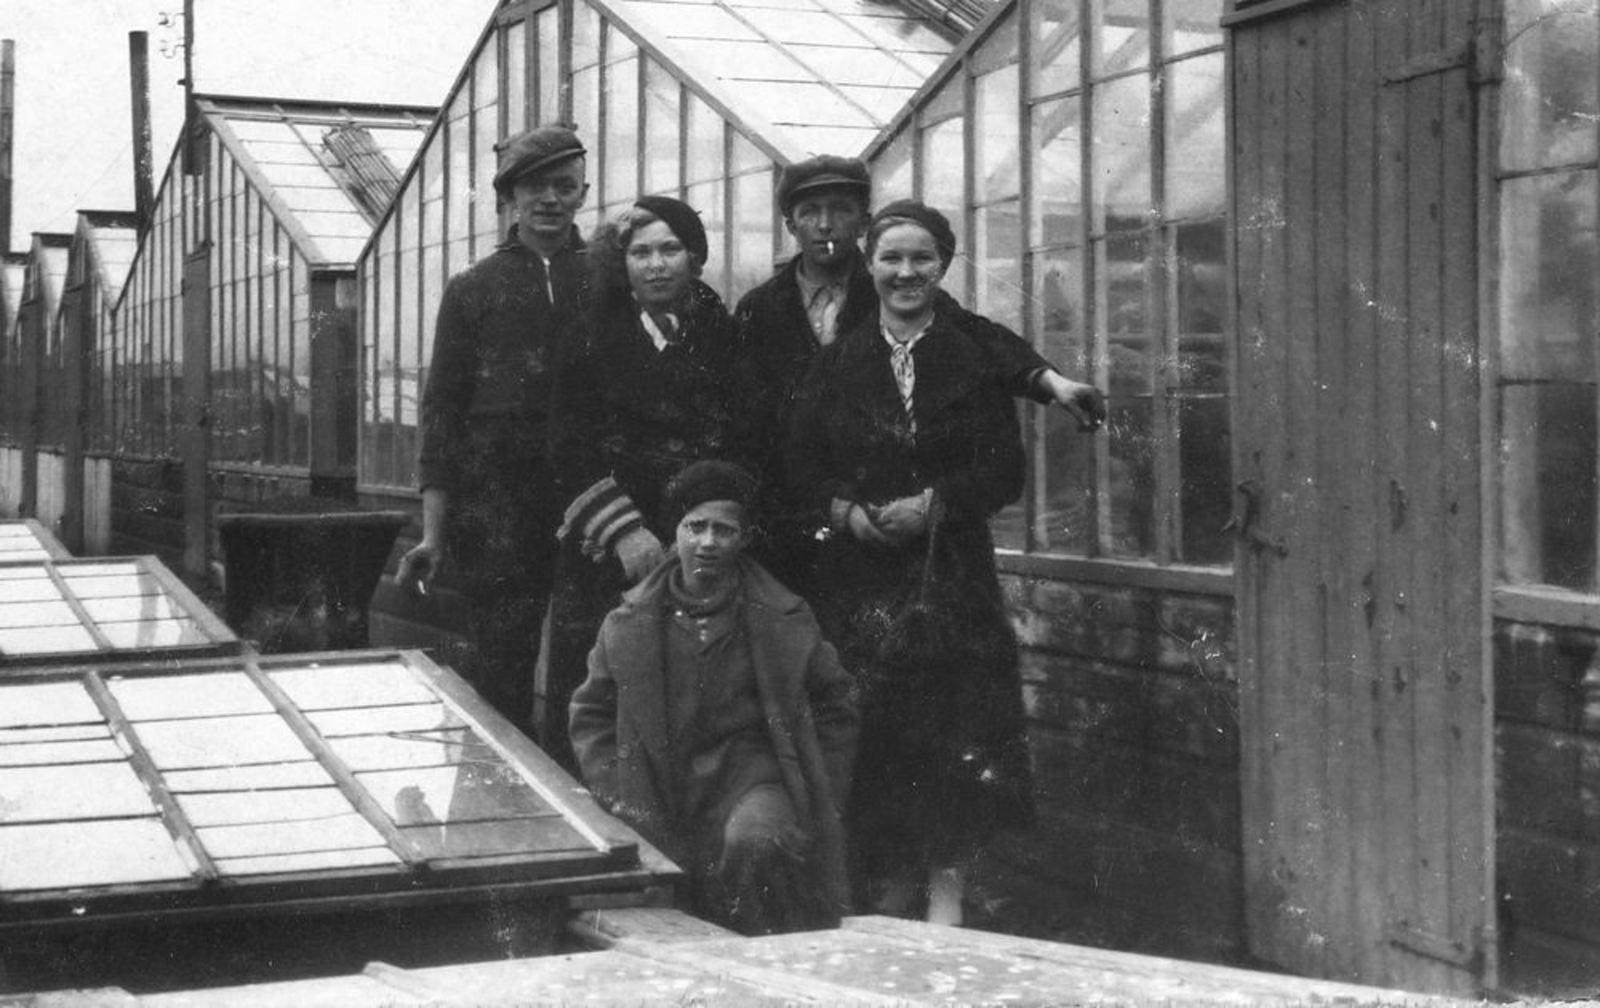 Bliek Leentje 1920 1936 met Annie Oppelaar bij Kassen fam Piet in Aalsmeer